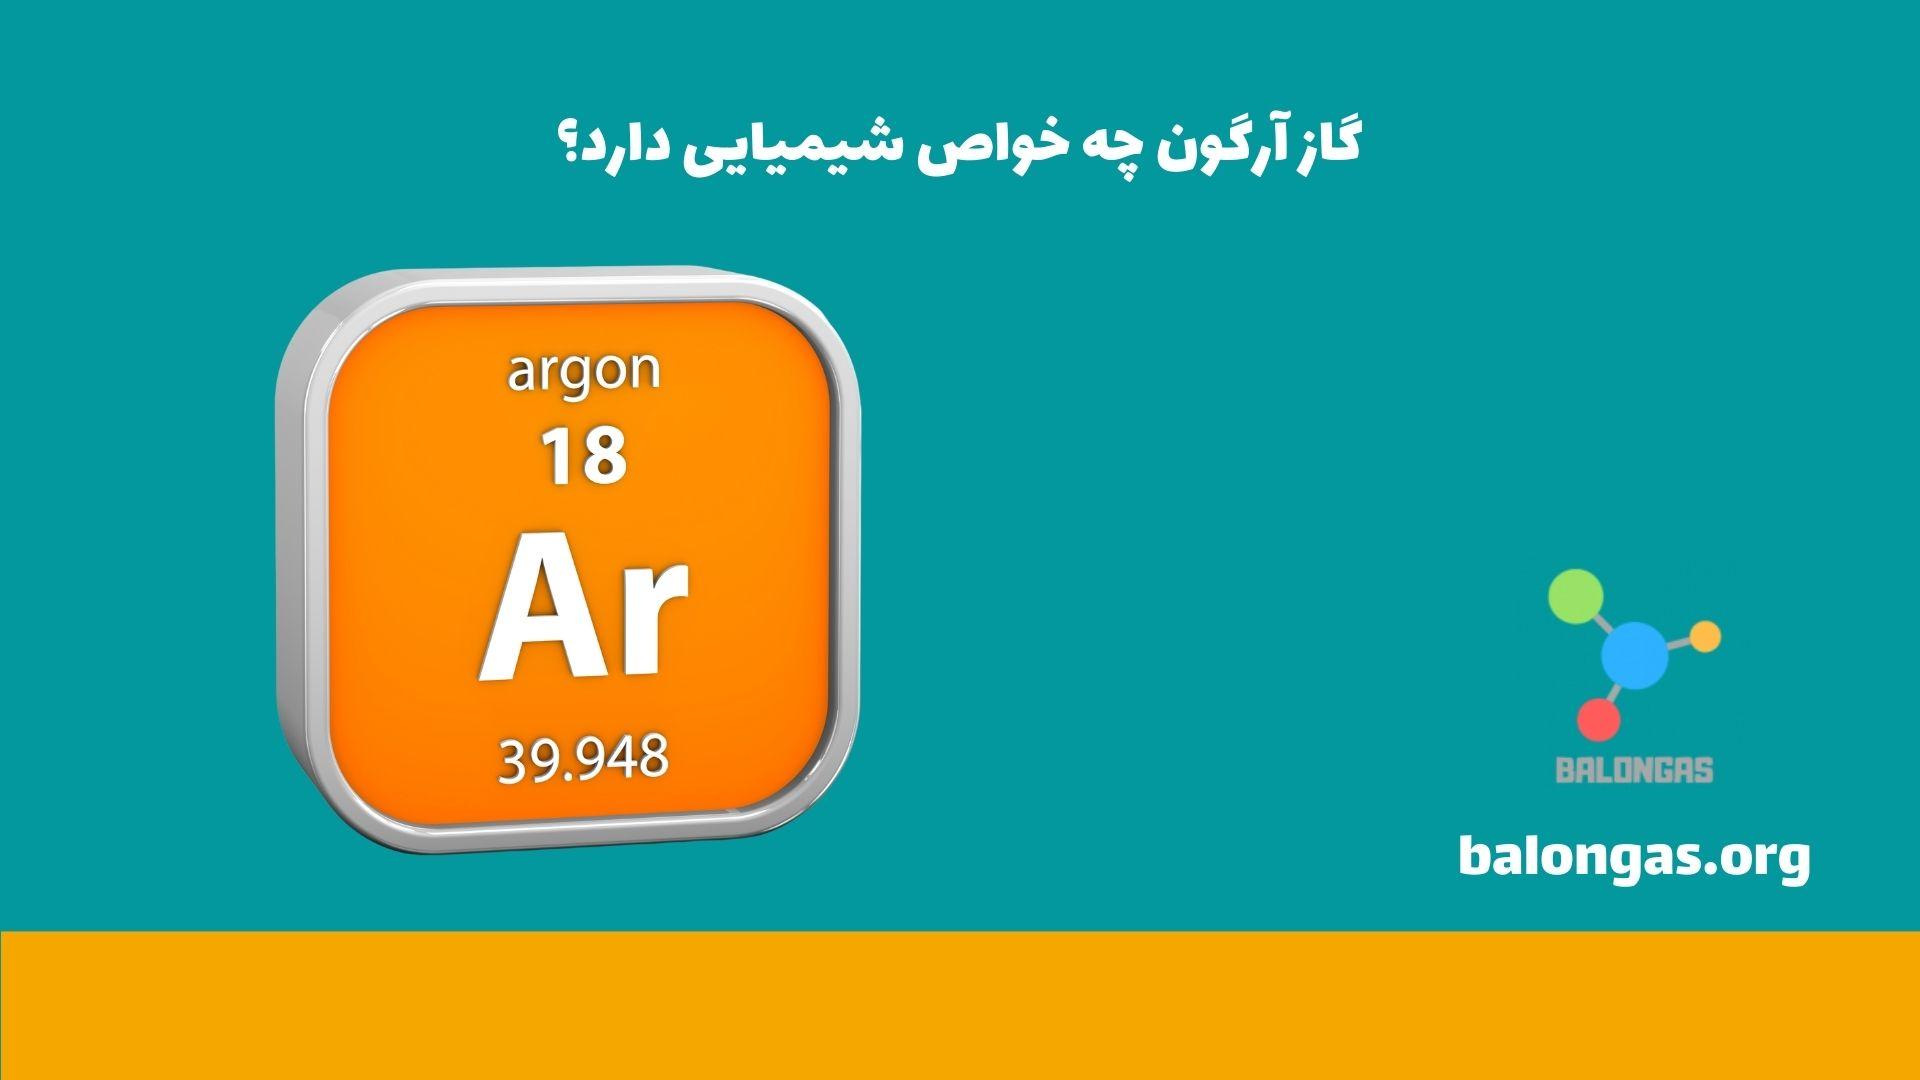 گاز آرگون چه خواص شیمیایی دارد؟